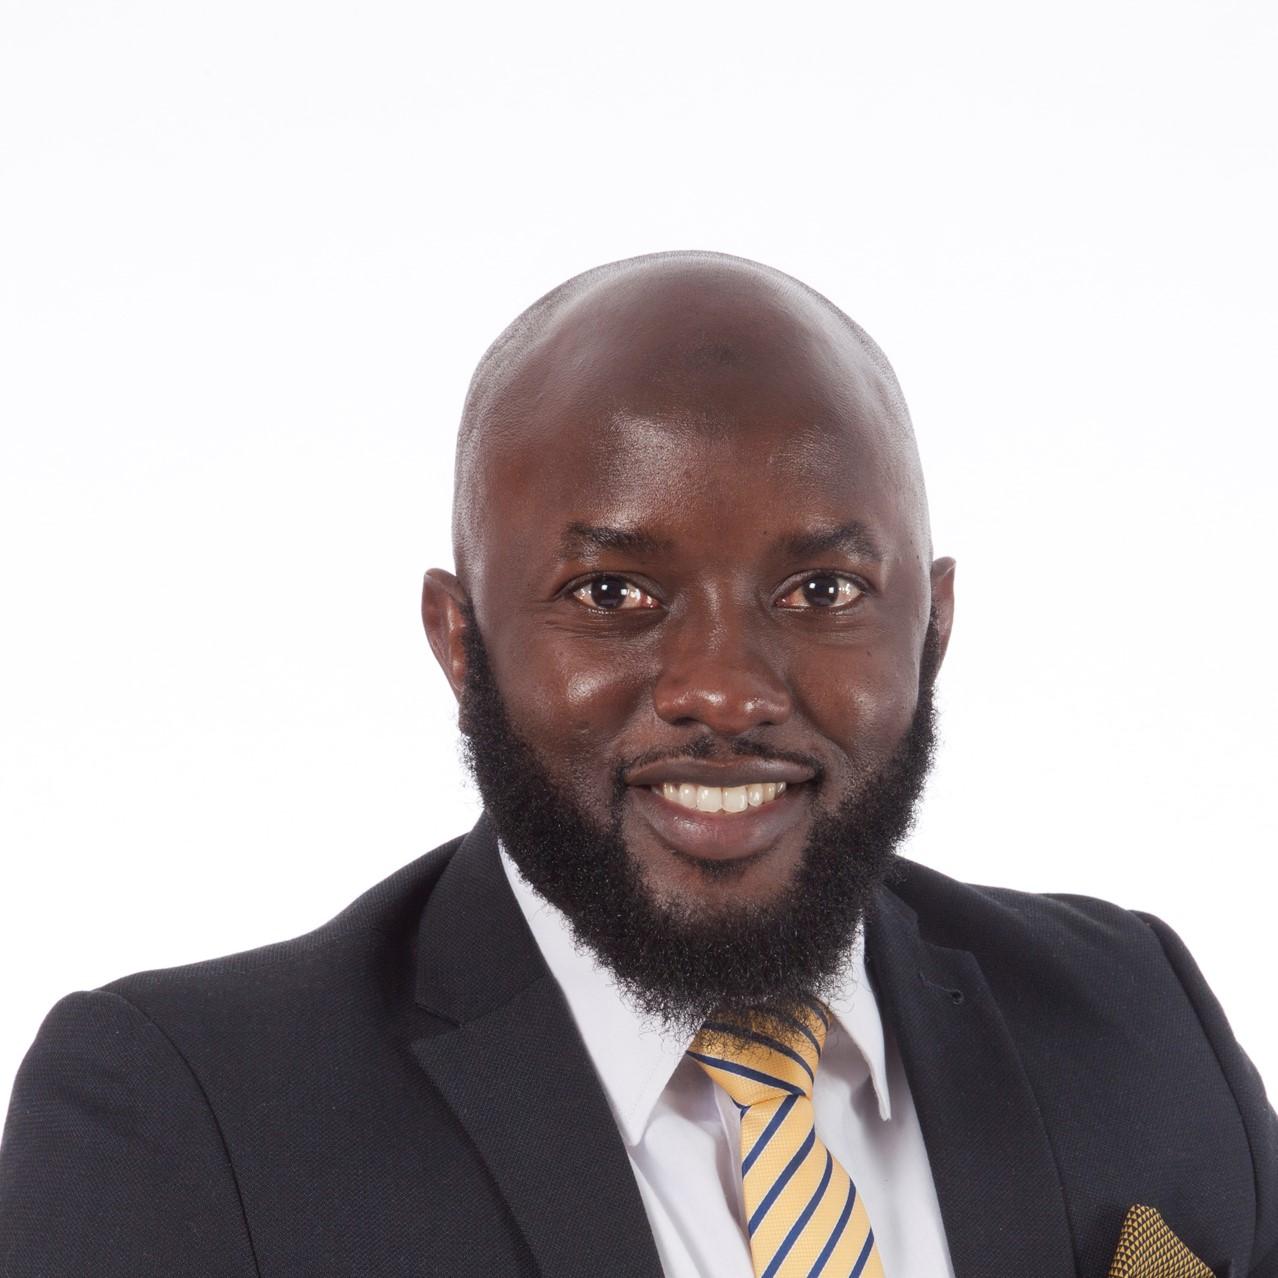 profile picture of abu bukenya